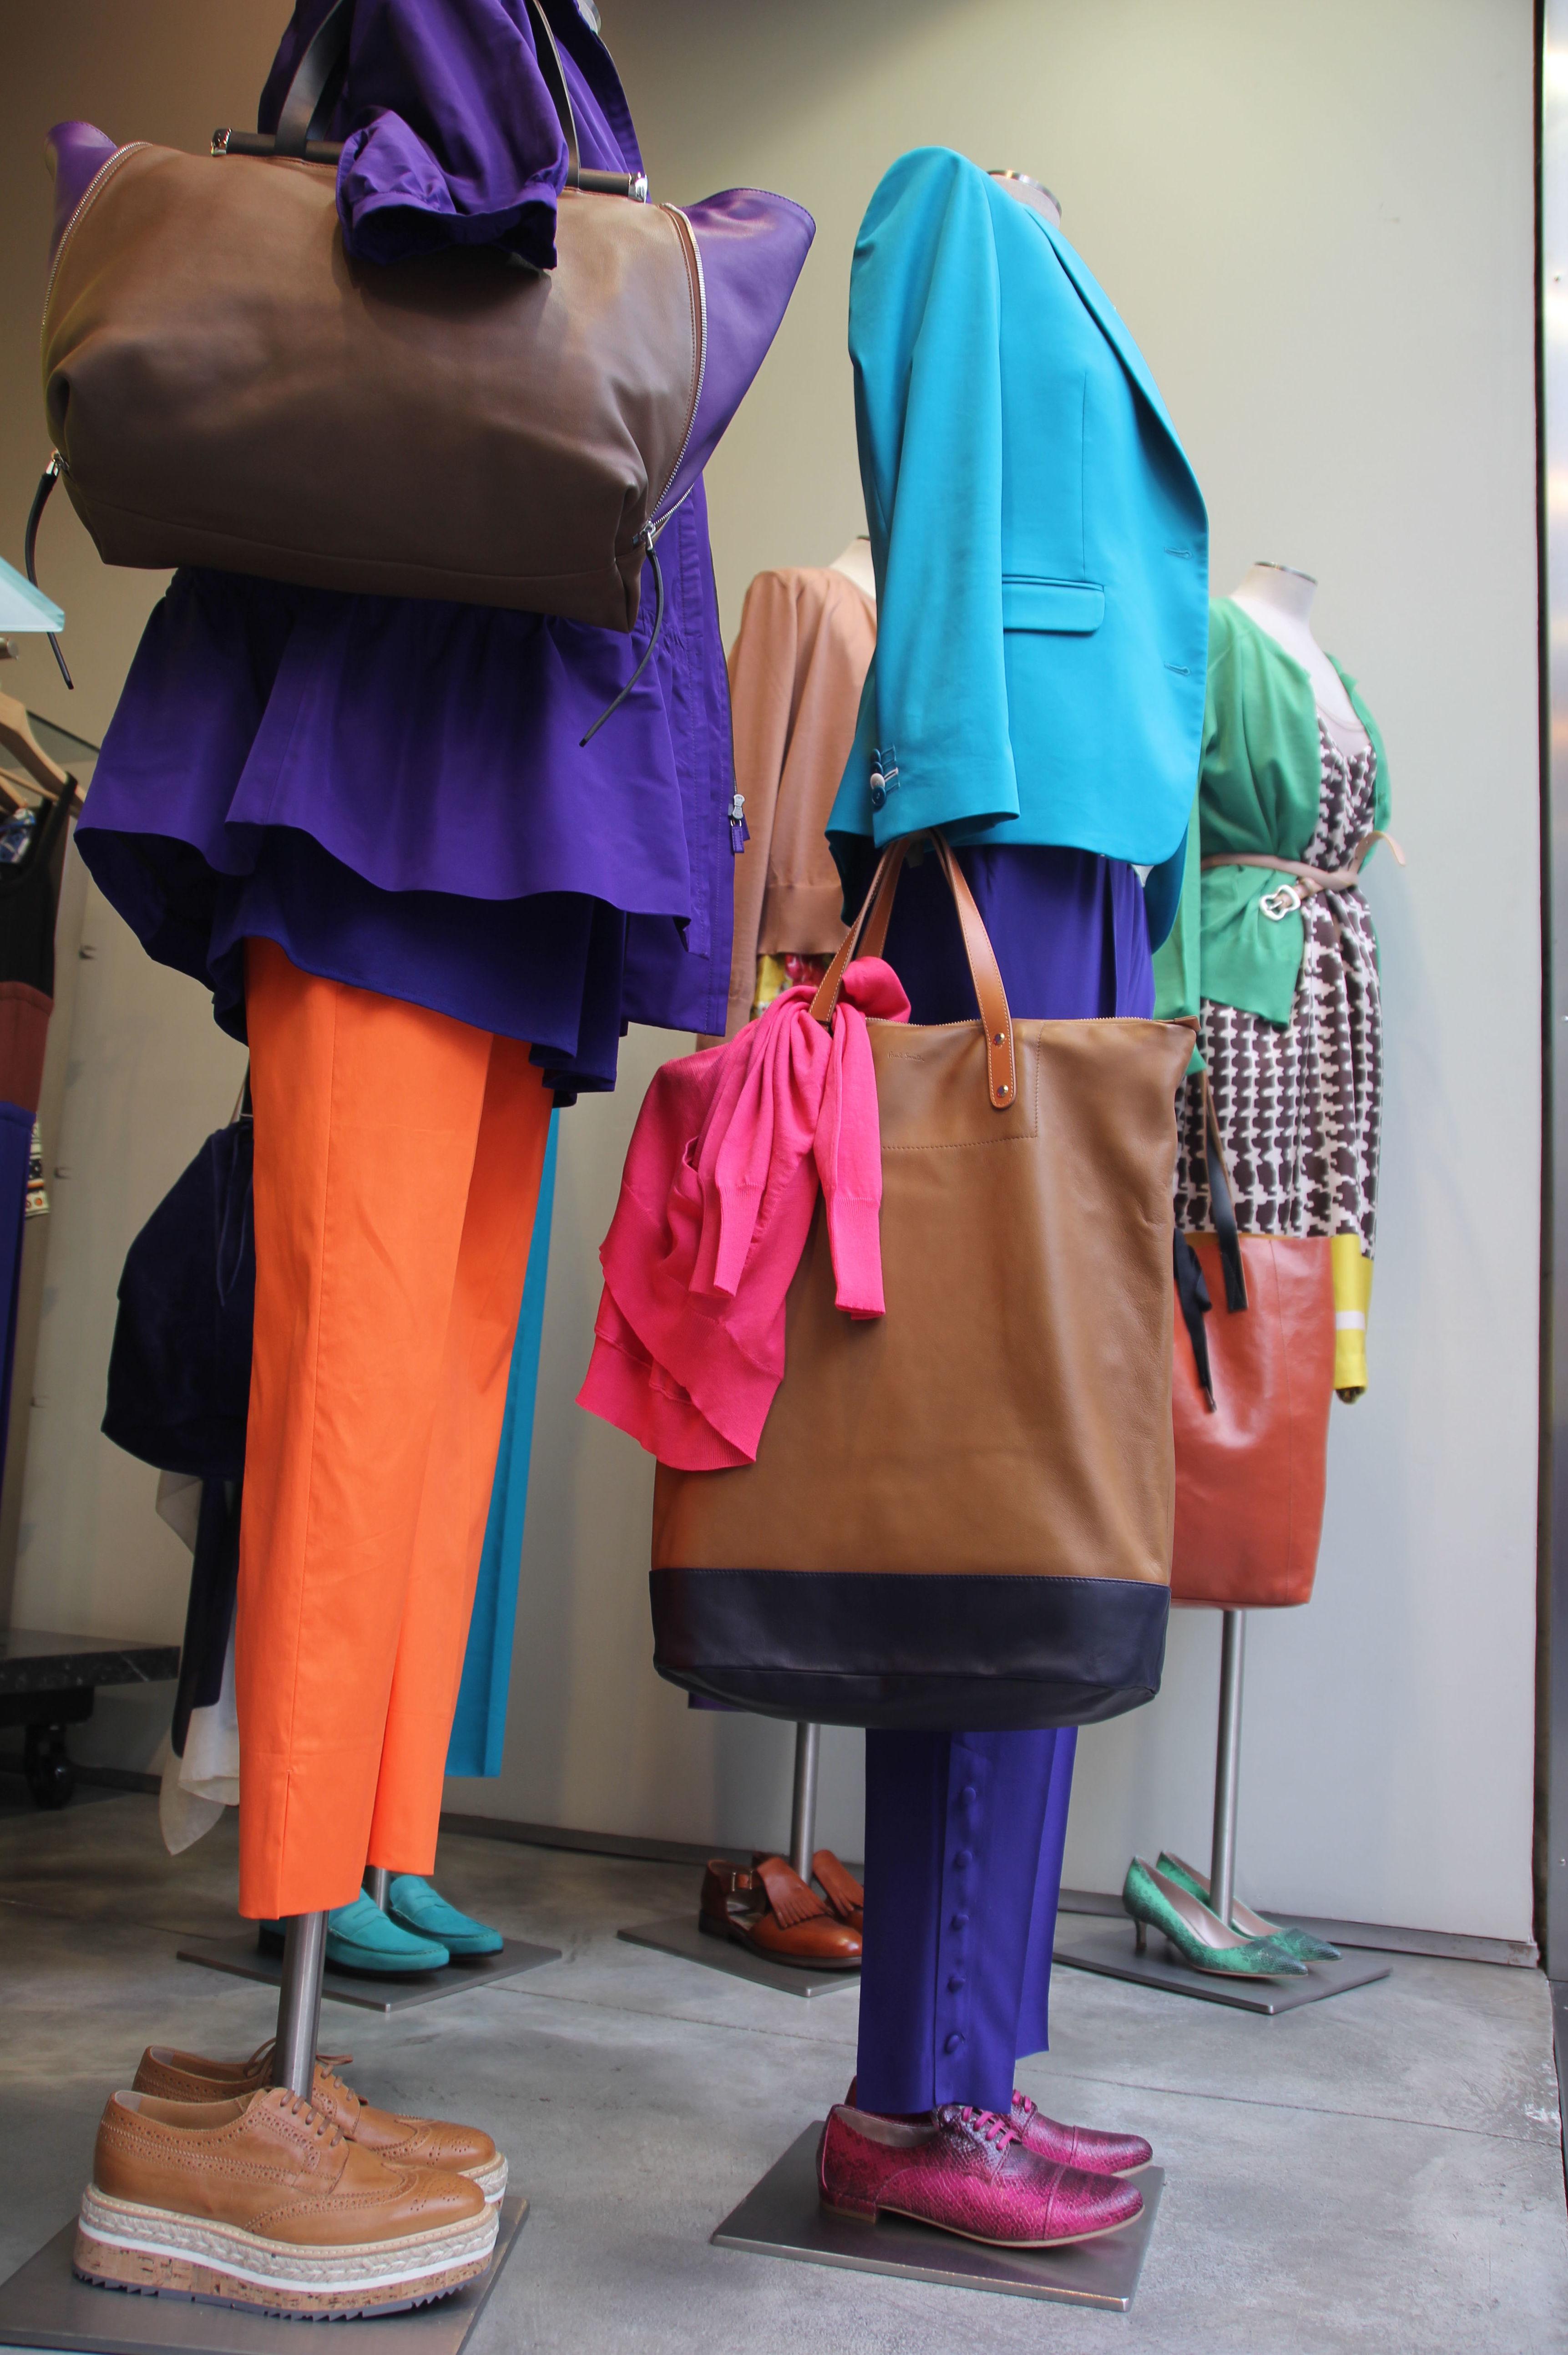 Tienda de ropa en Bilbao